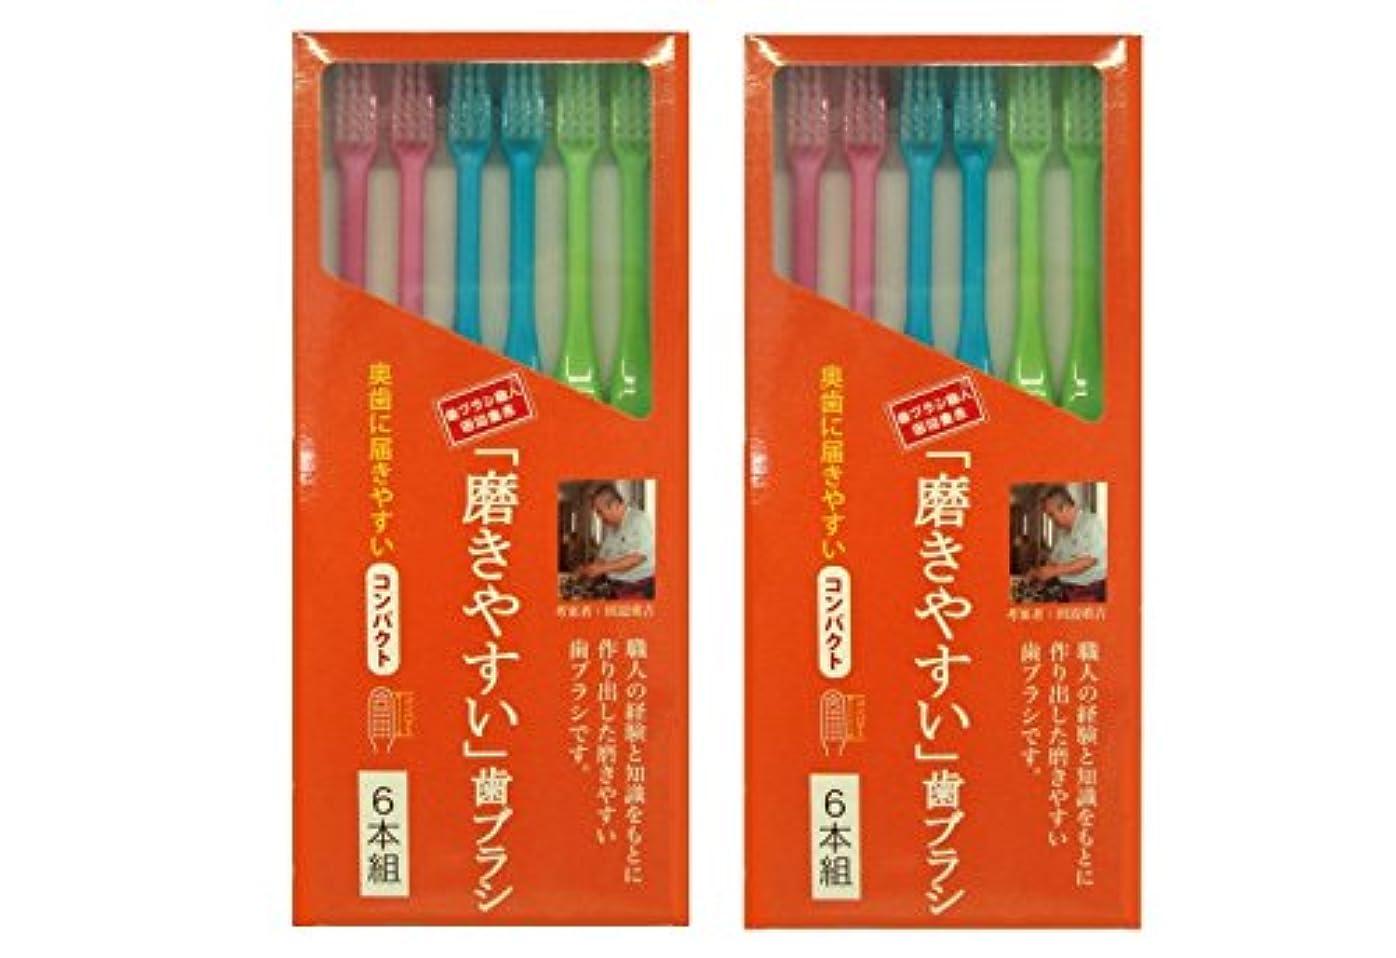 パイル体細胞ファーム磨きやすい歯ブラシ 6本組 コンパクトタイプ×2個セット